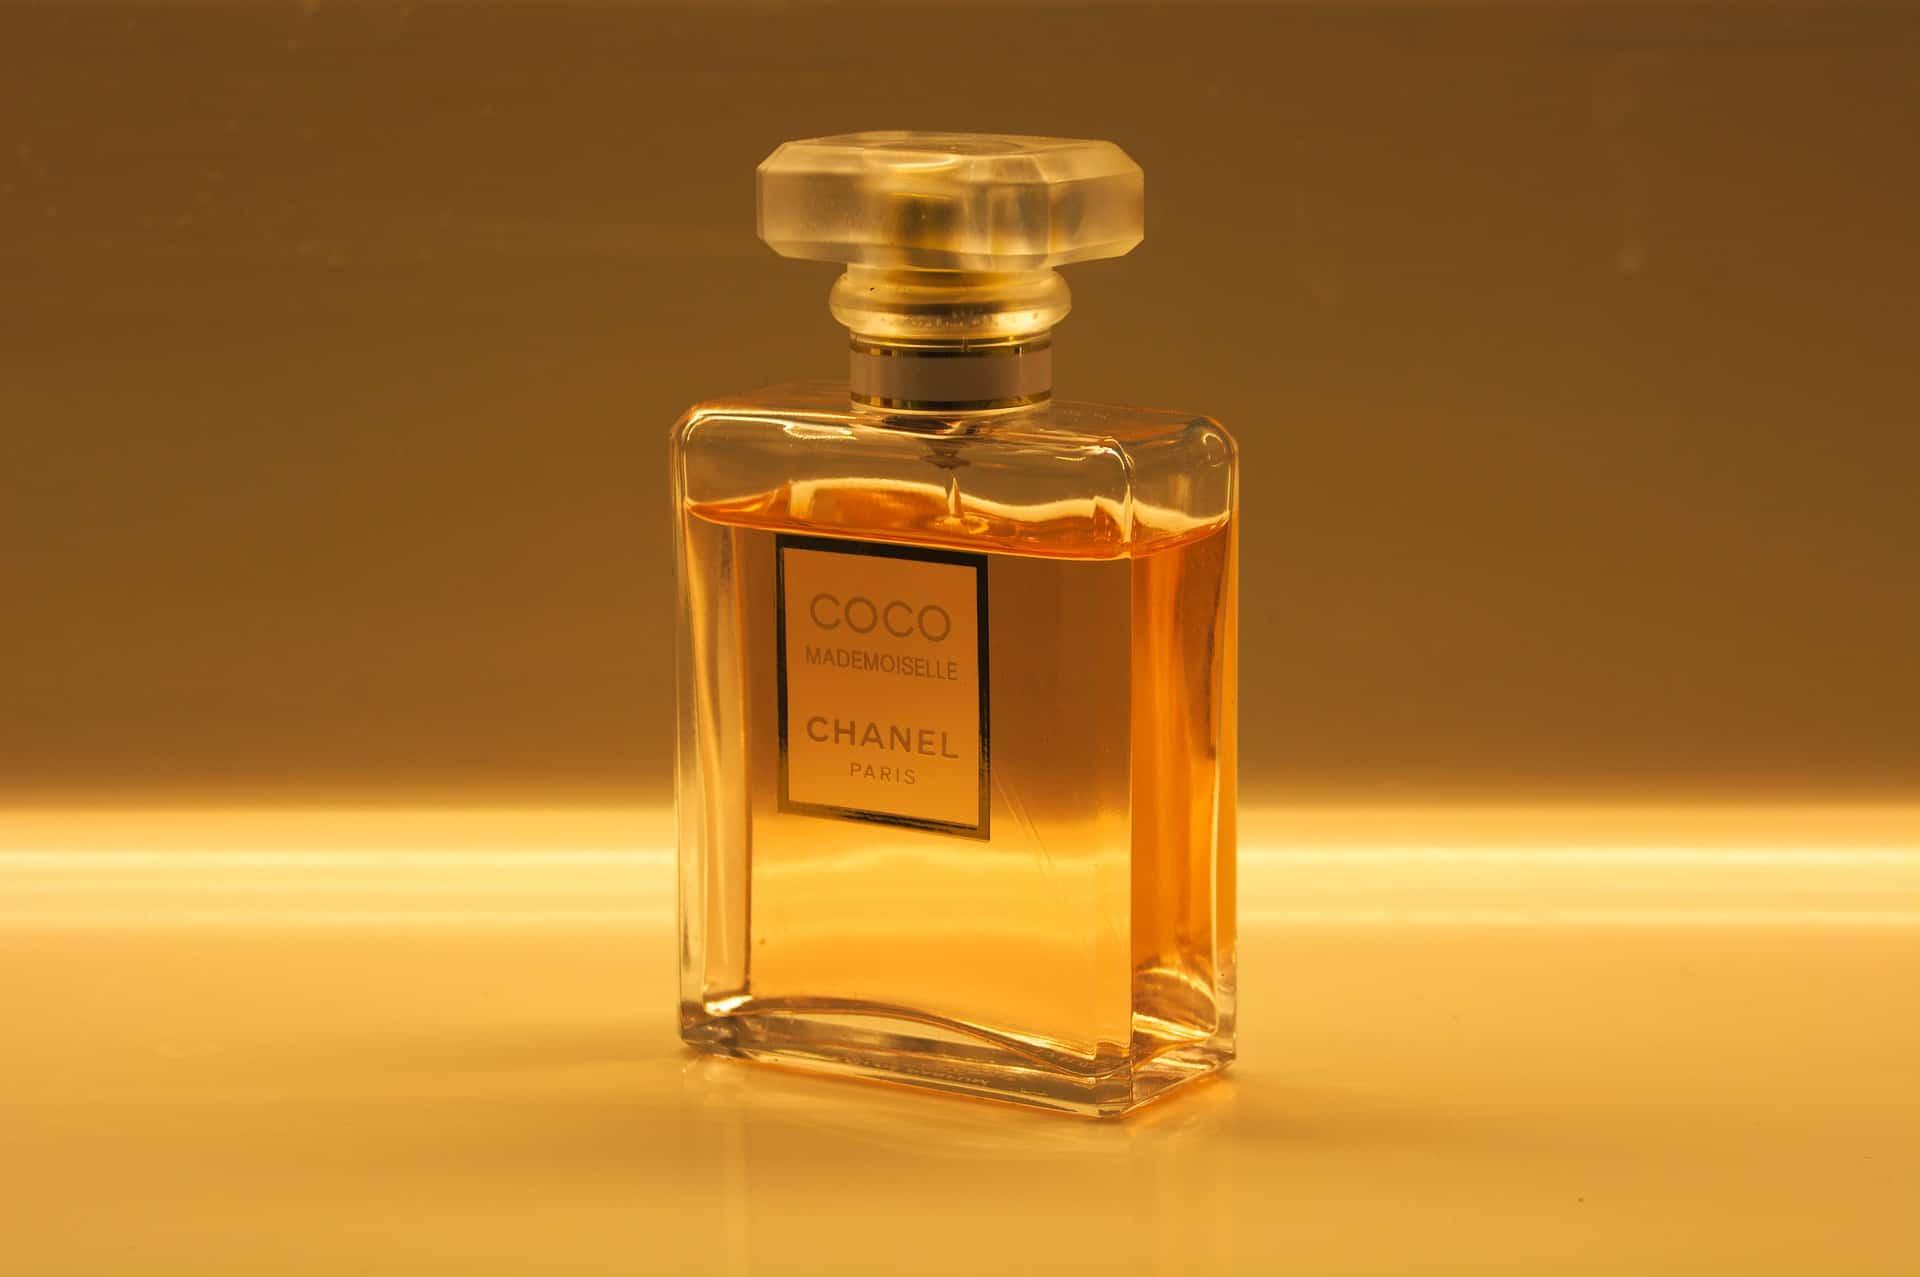 Frasco de perfume Chanel sobre fundo claro e iluminado.